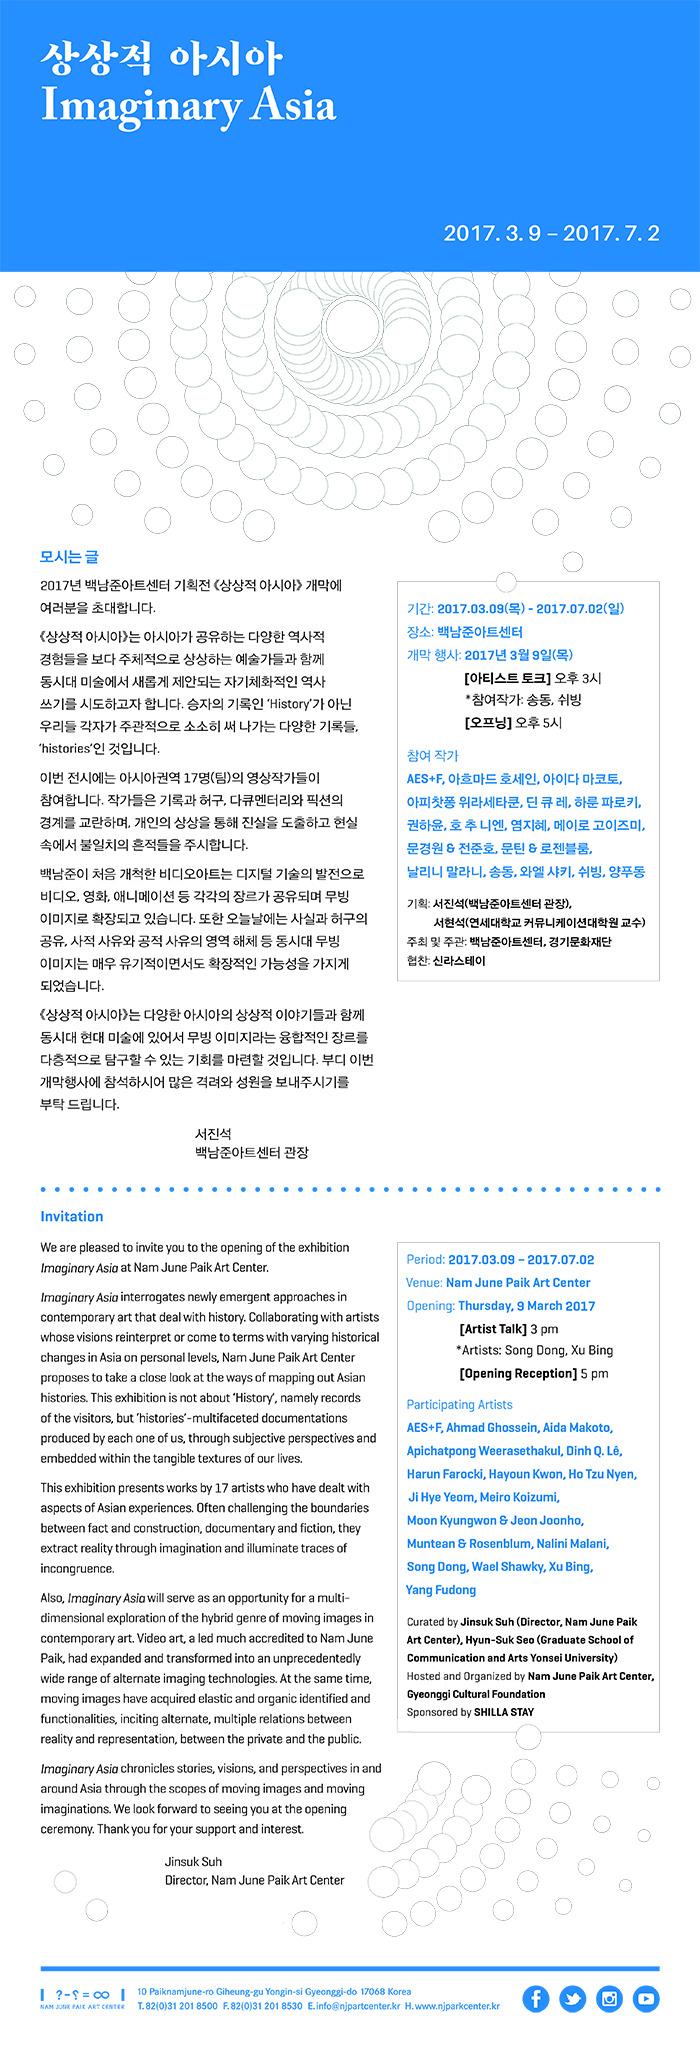 백남준아트센터《상상적 아시아》展